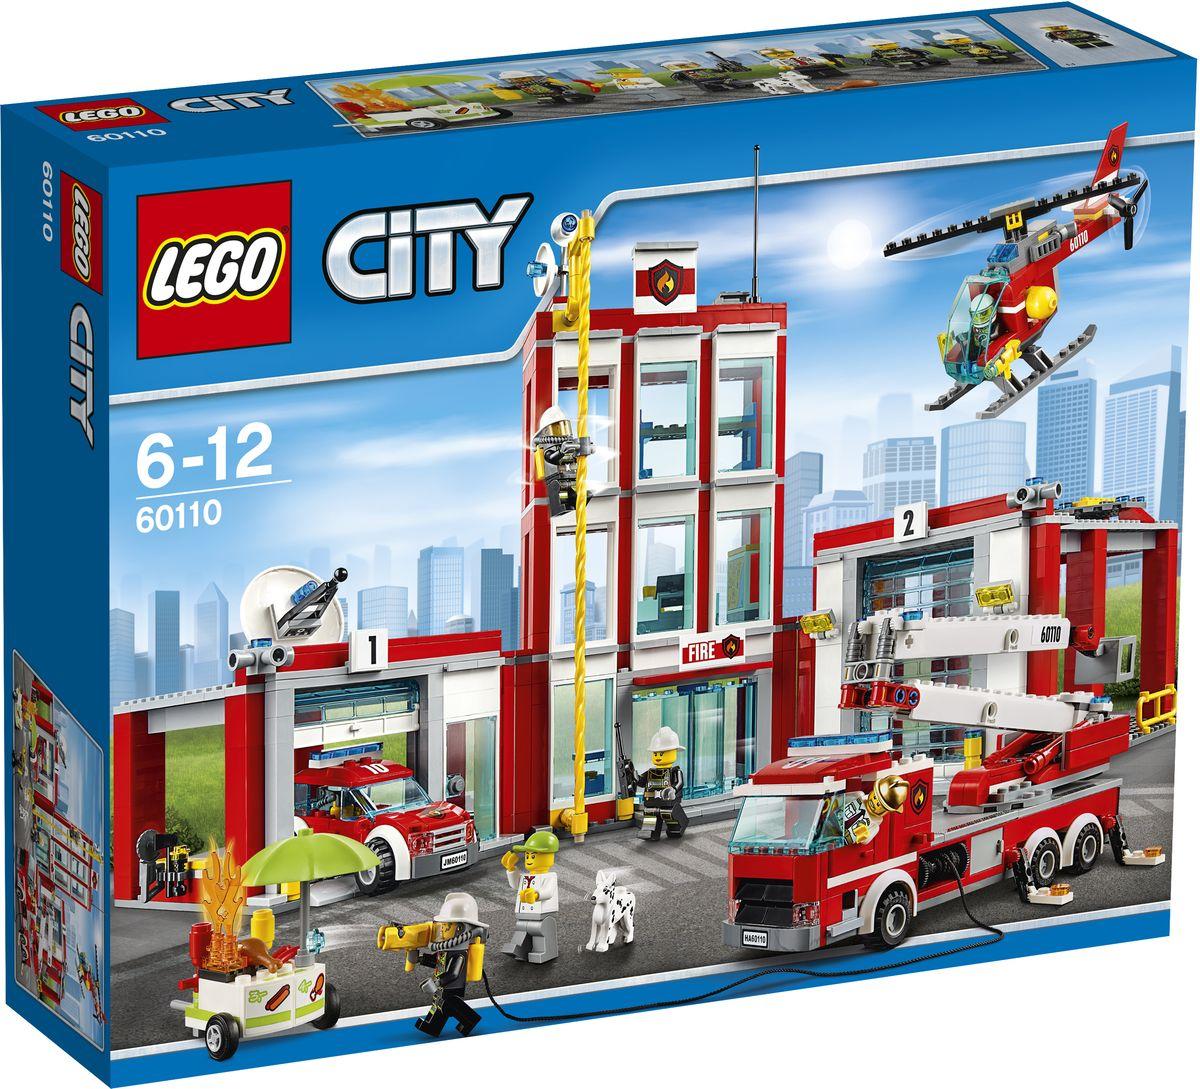 LEGO City Конструктор Пожарная часть 60110